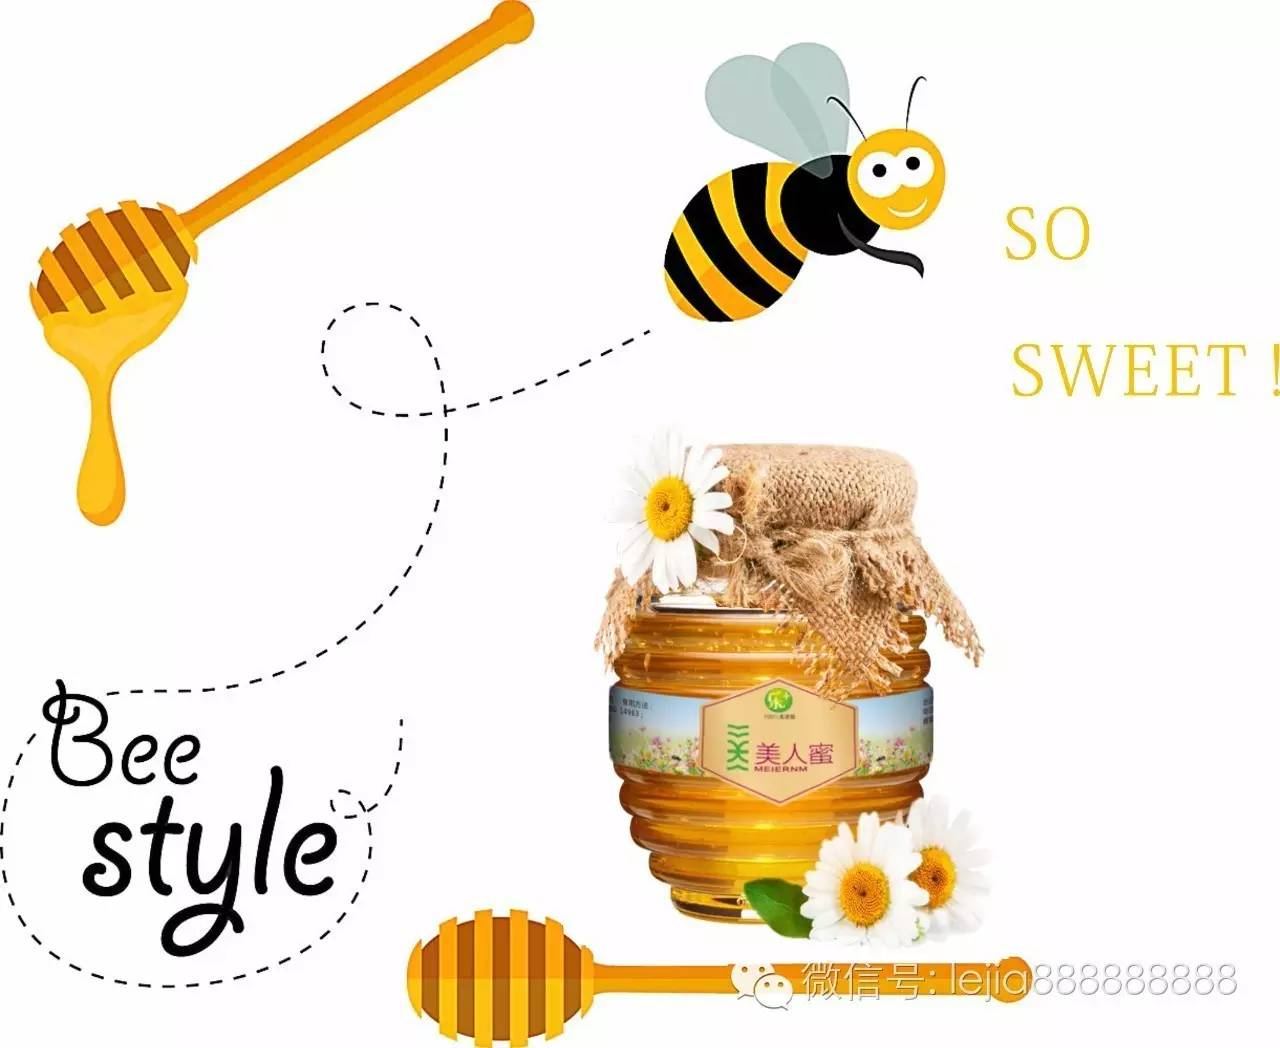 蜂蜜柚子水 蜂蜜鉴别 抗辐射 山茱萸蜜(Tupelo) 天喔蜂蜜柚子茶